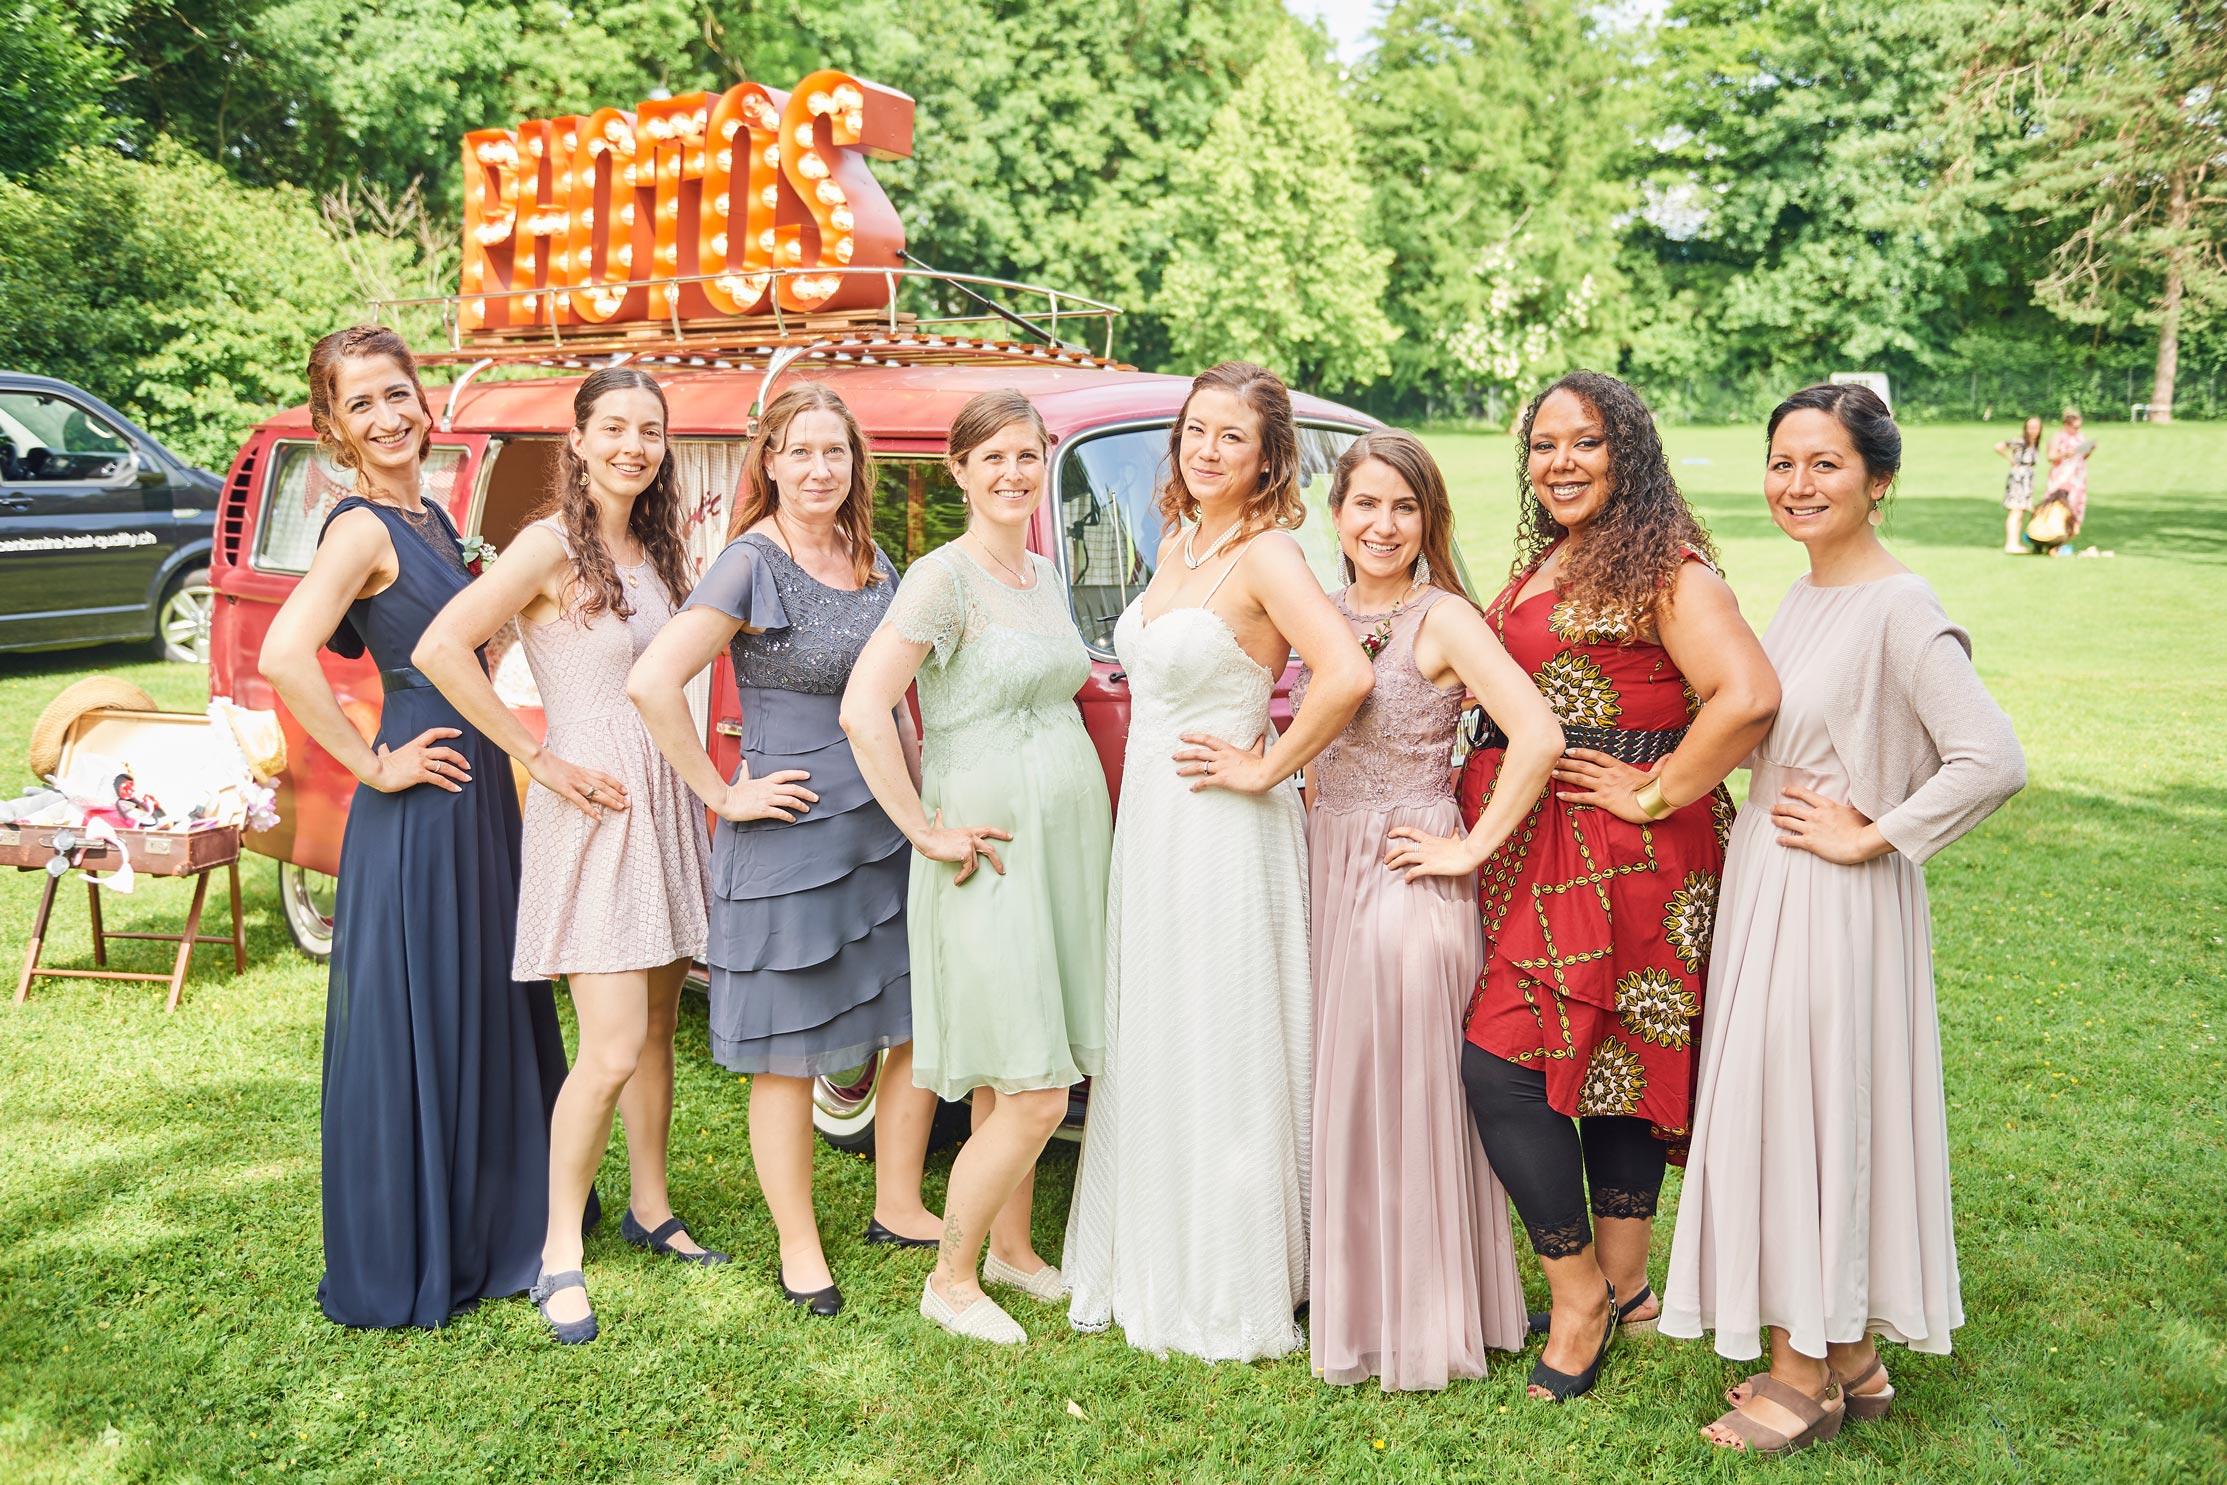 Gruppenfotos Hochzeit Photobus